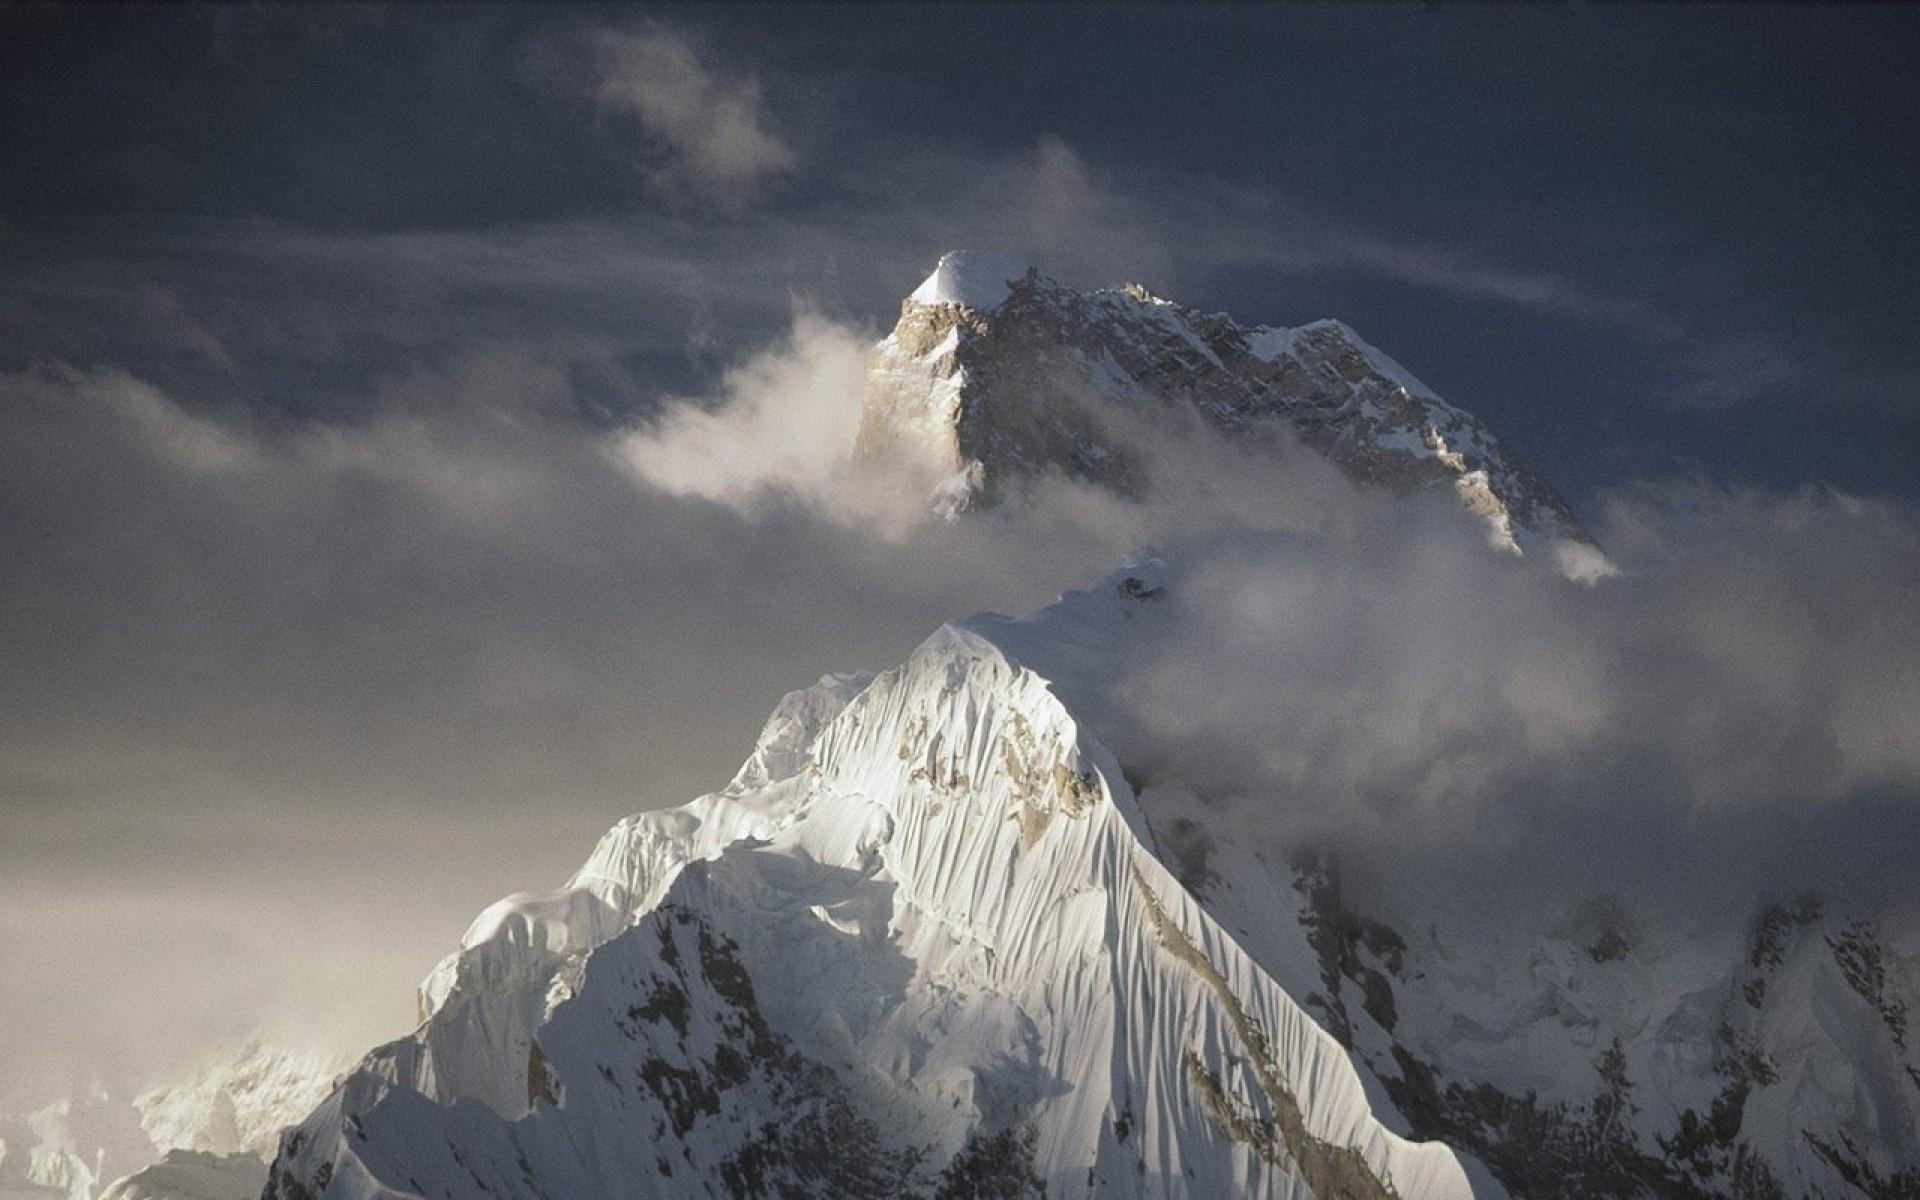 хороших книгах фотографии горных вершин кризисом, кризисом